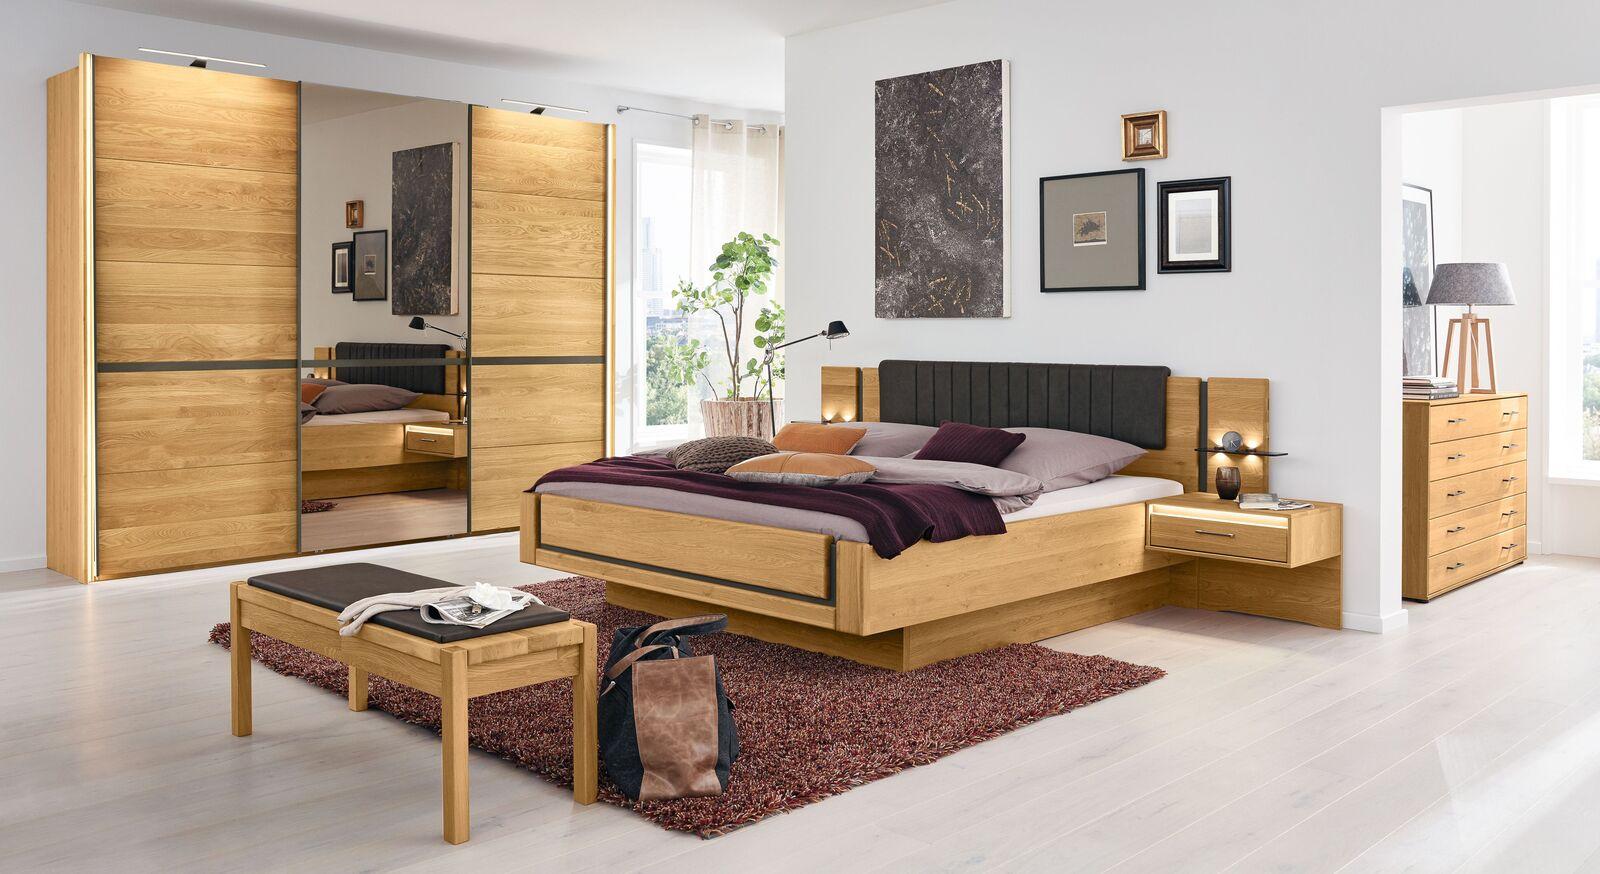 MUSTERRING Bett Sorrent in Schwebeoptik mit passenden Beimöbeln